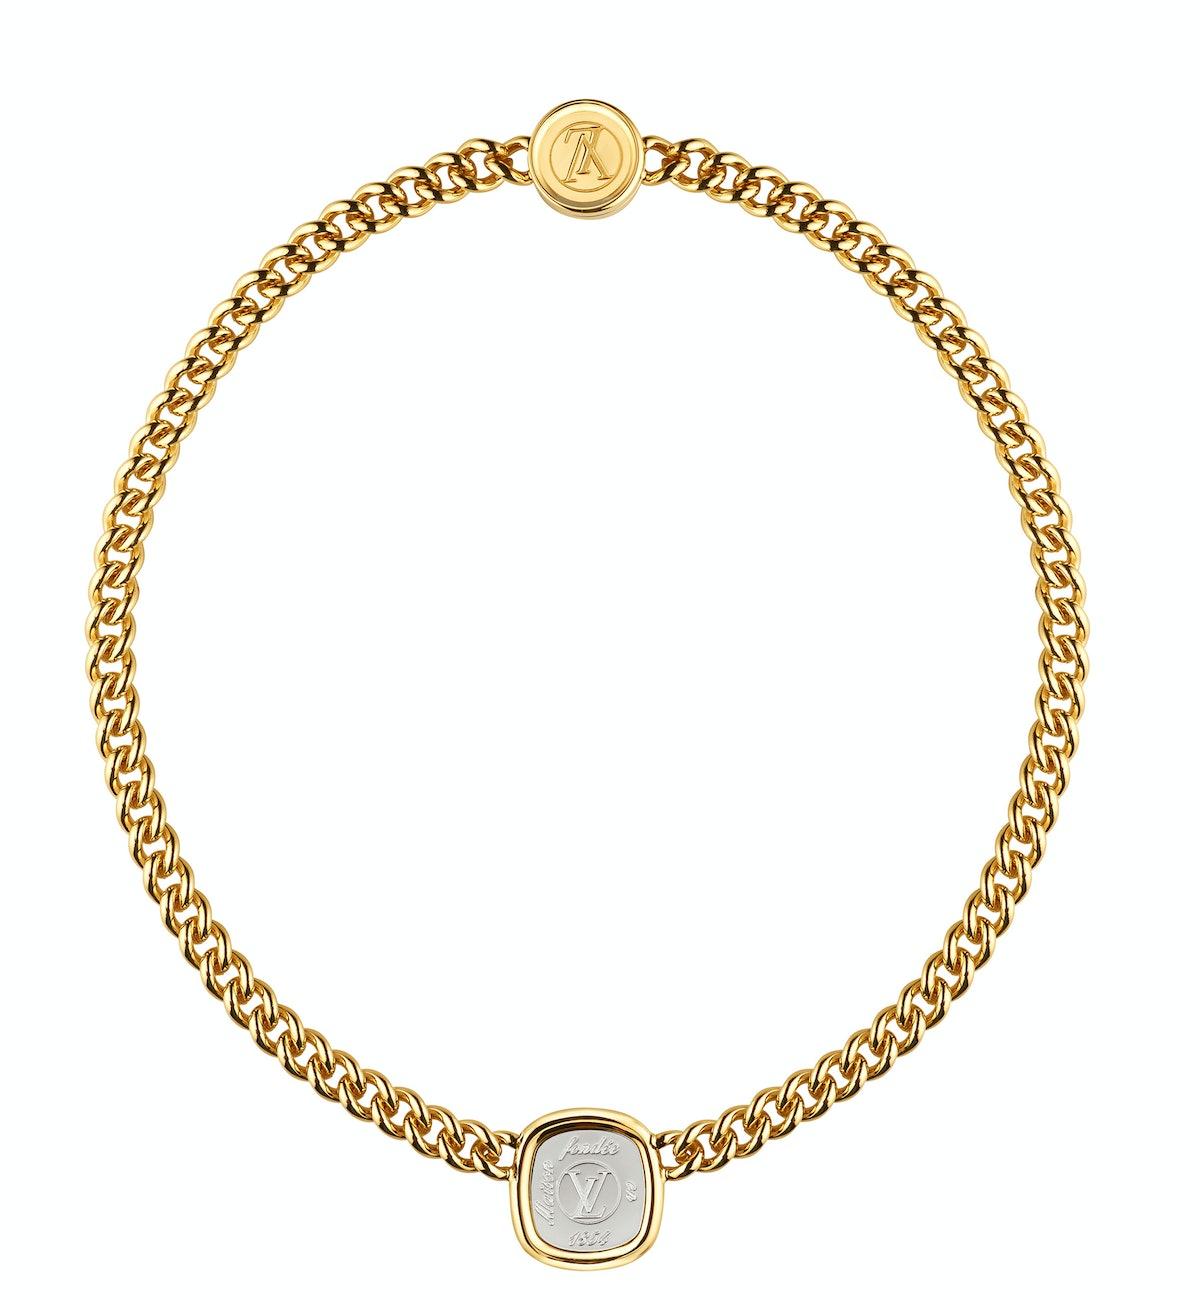 Louis Vuitton necklace,